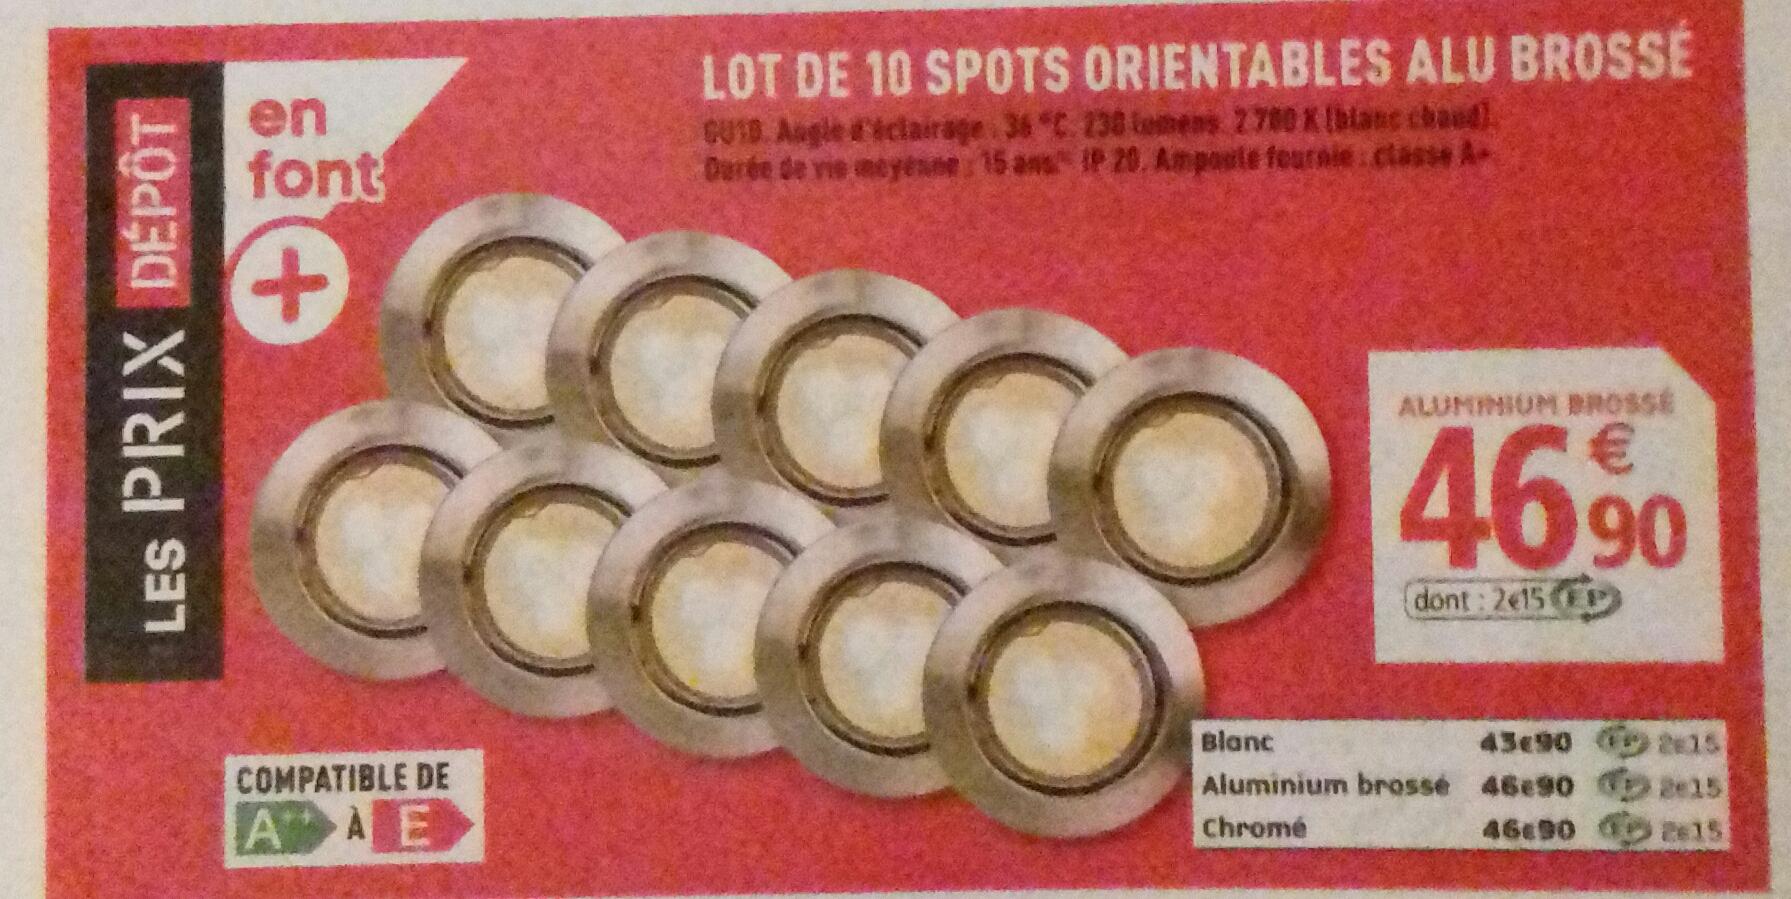 Lot de 10 spots orientables GU10 avec ampoule LED comprise